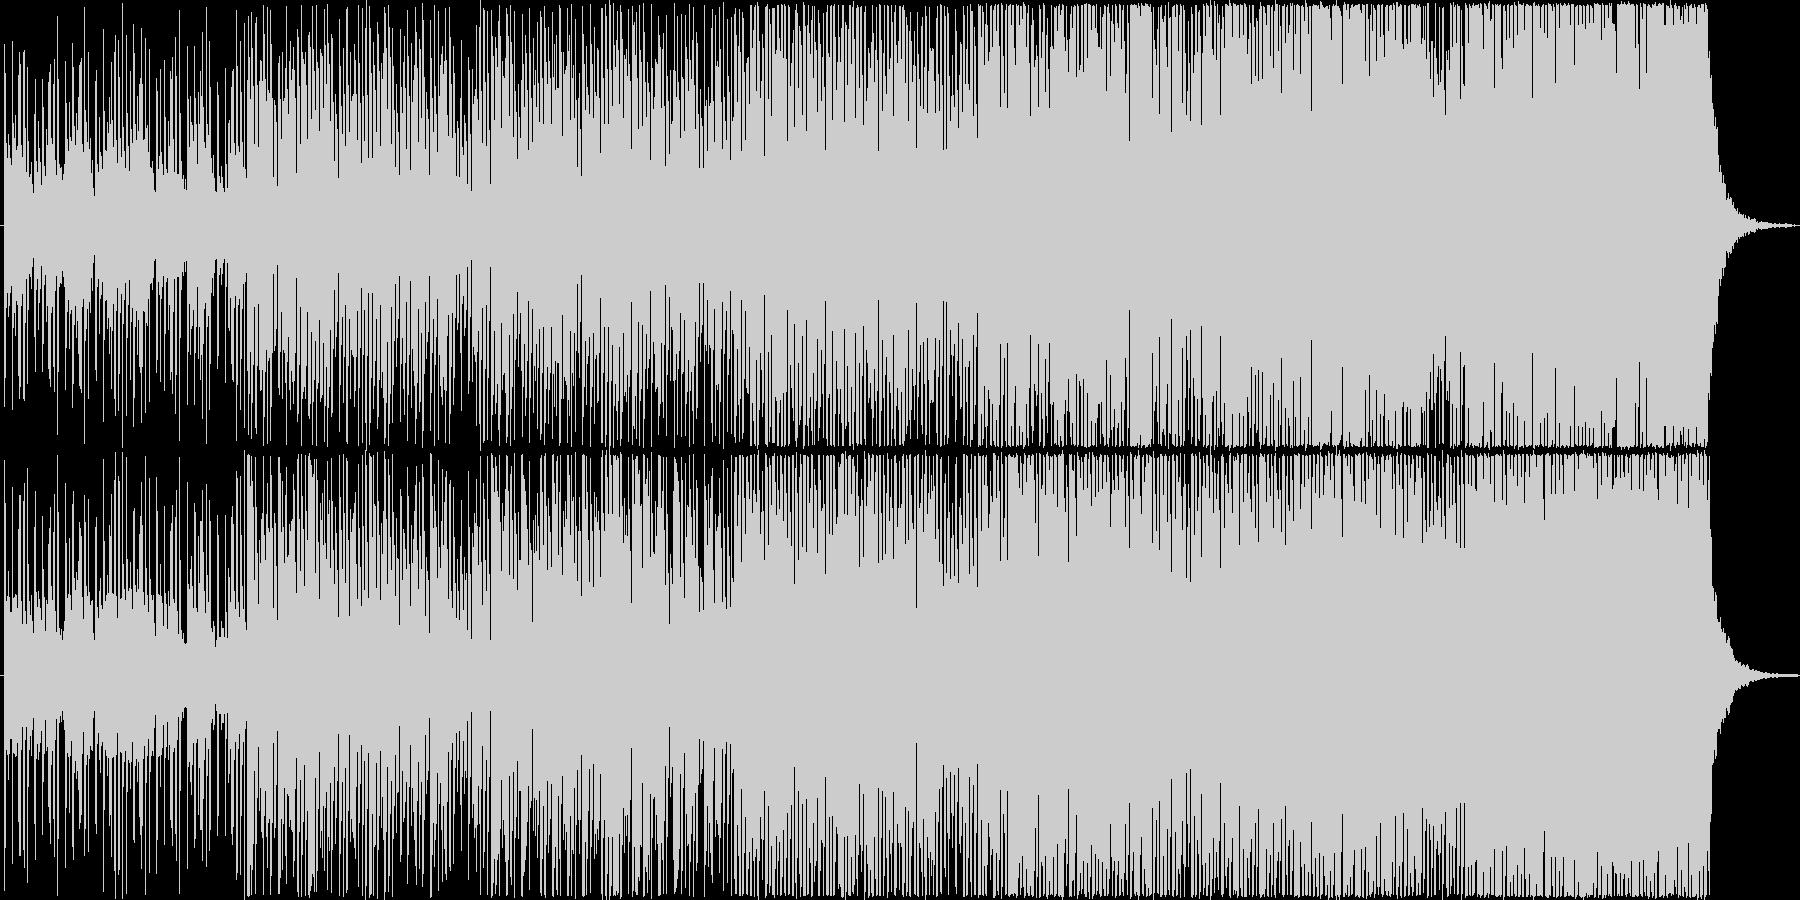 切ないメロディーが印象的なバラードの未再生の波形